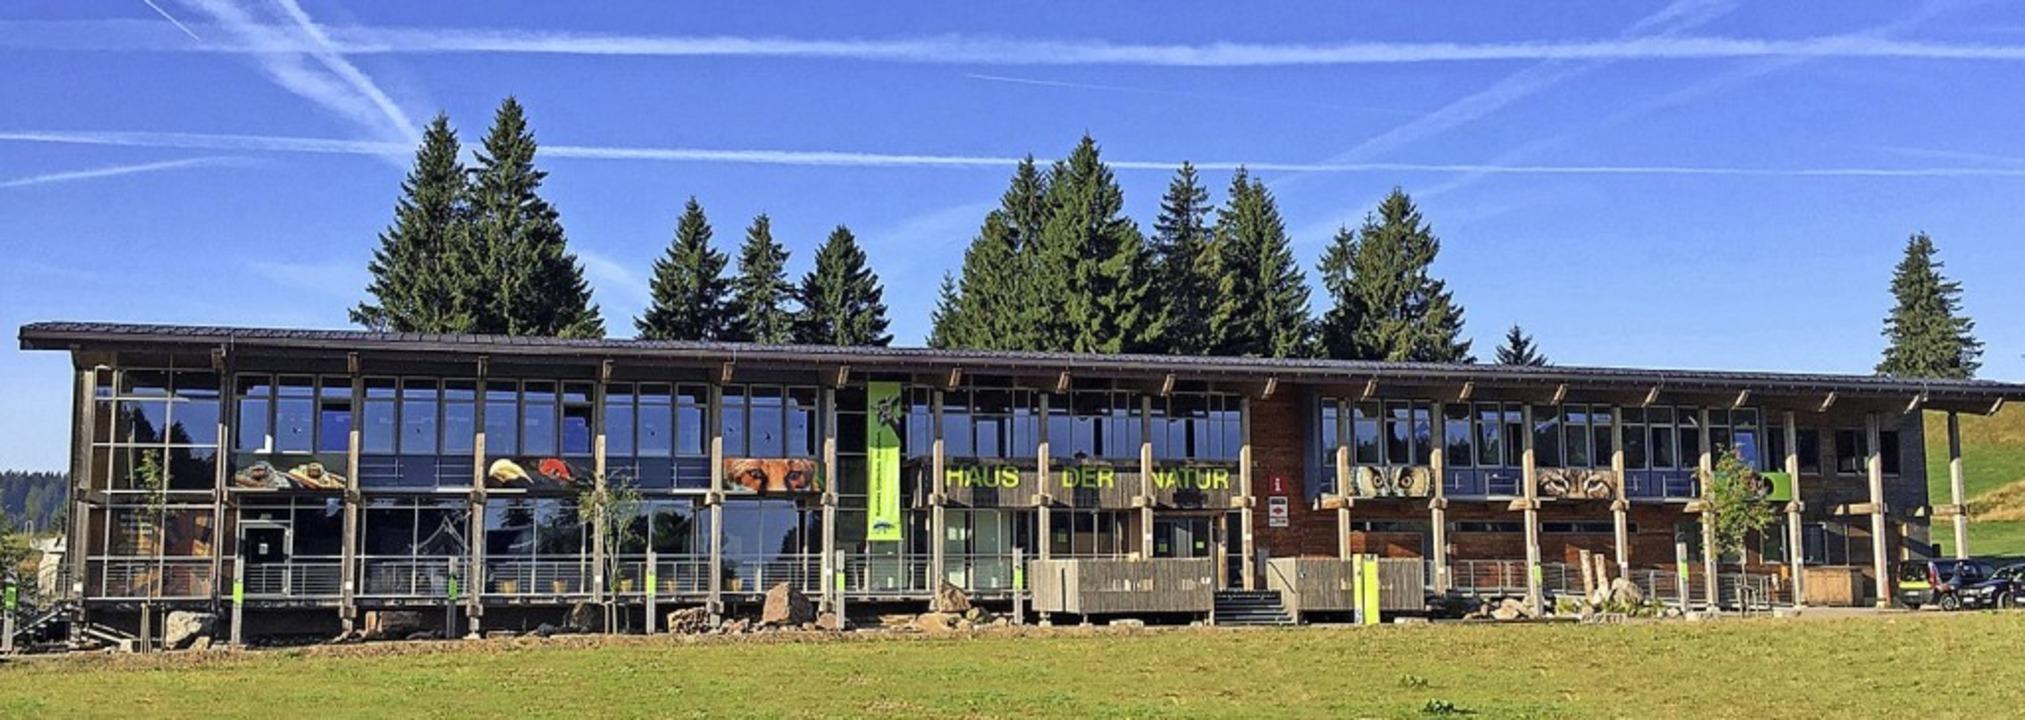 Das Haus der Natur am Feldberg kann wohl  erweitert werden.    | Foto: Haus der Natur